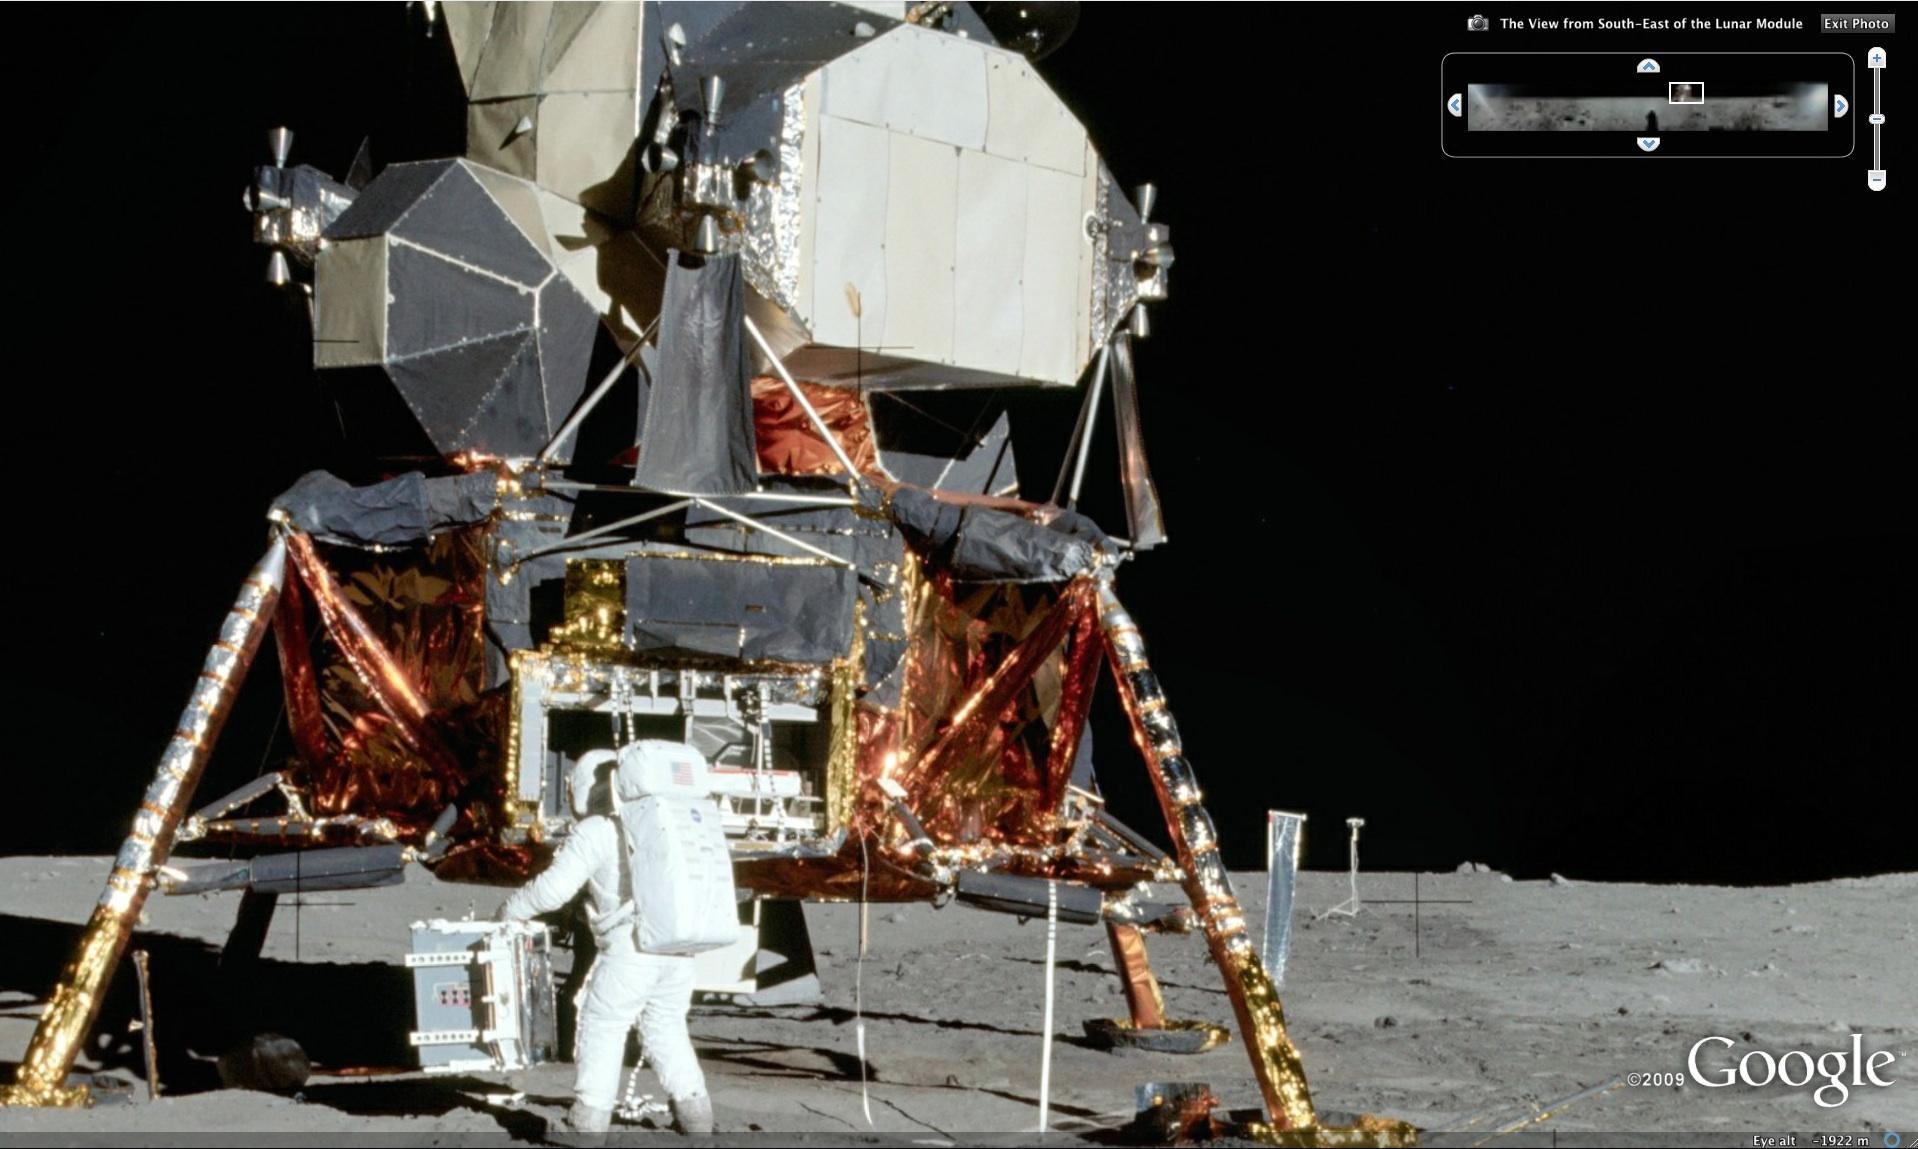 apollo 11 moon landing an interactive space exploration adventure - photo #19